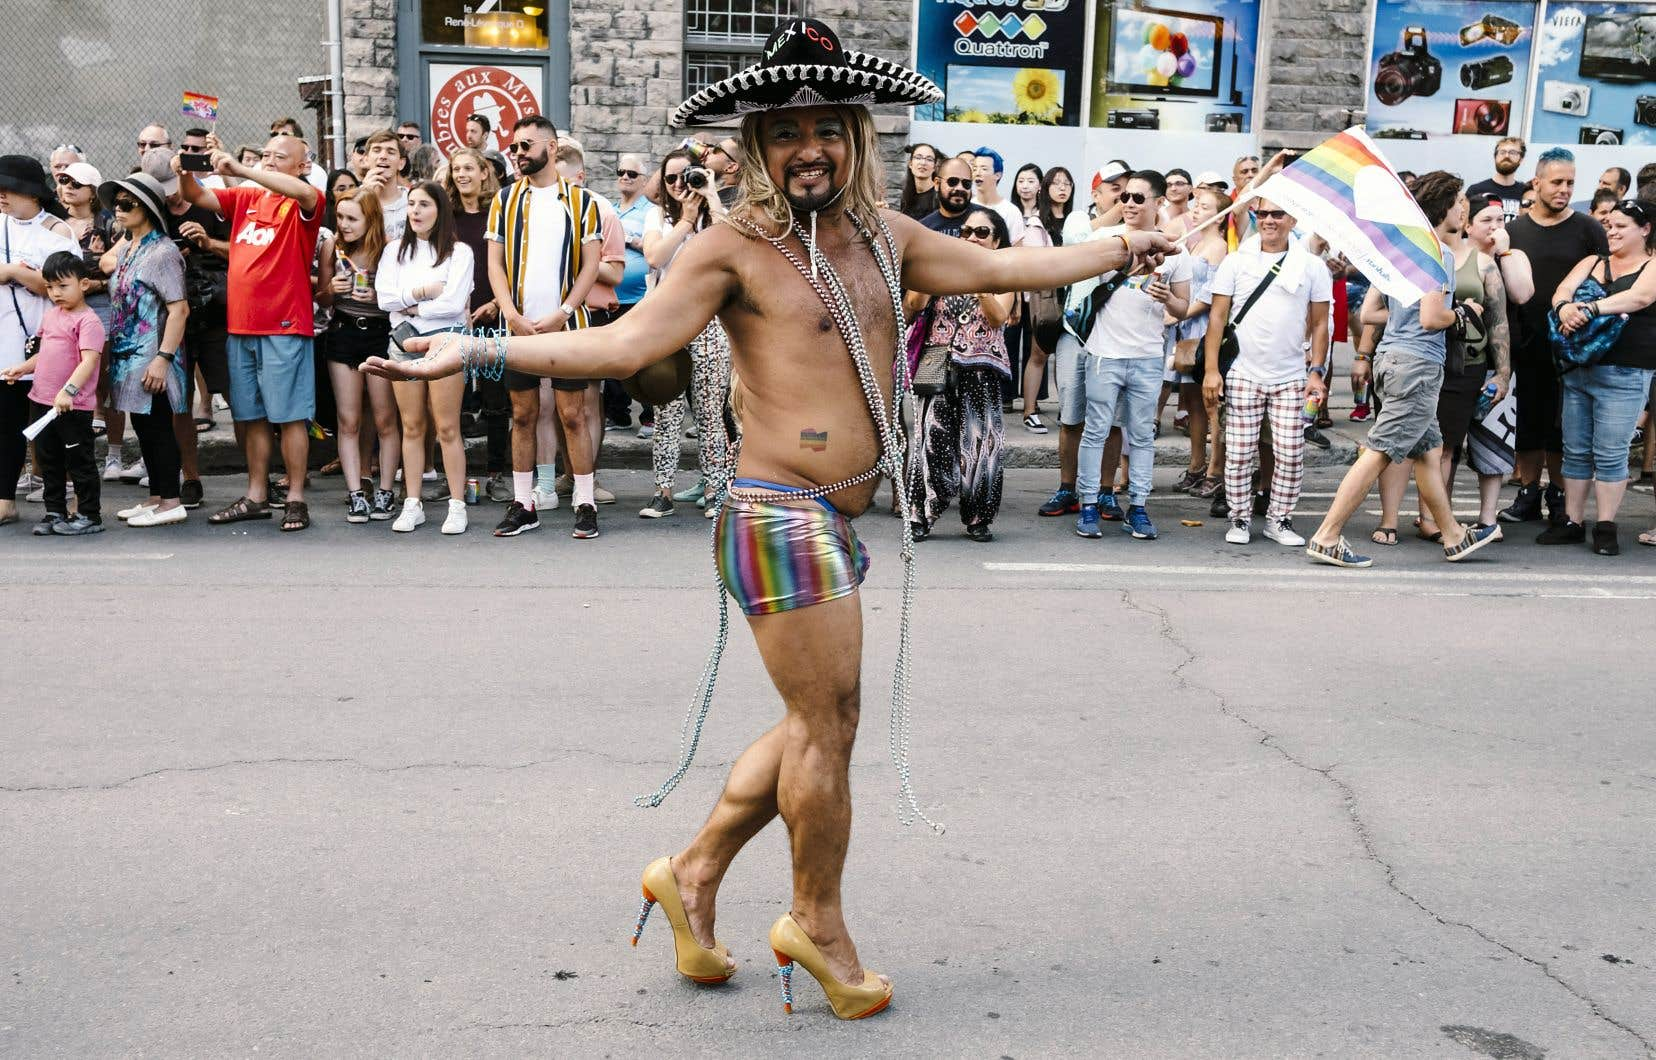 Comme à chaque année, le défilé de Fierté Montréal a été l'occasion pour la communauté LGBTQ de montrer les différentes facettes qui la composent, dans l'extravagance et la bonne humeur.